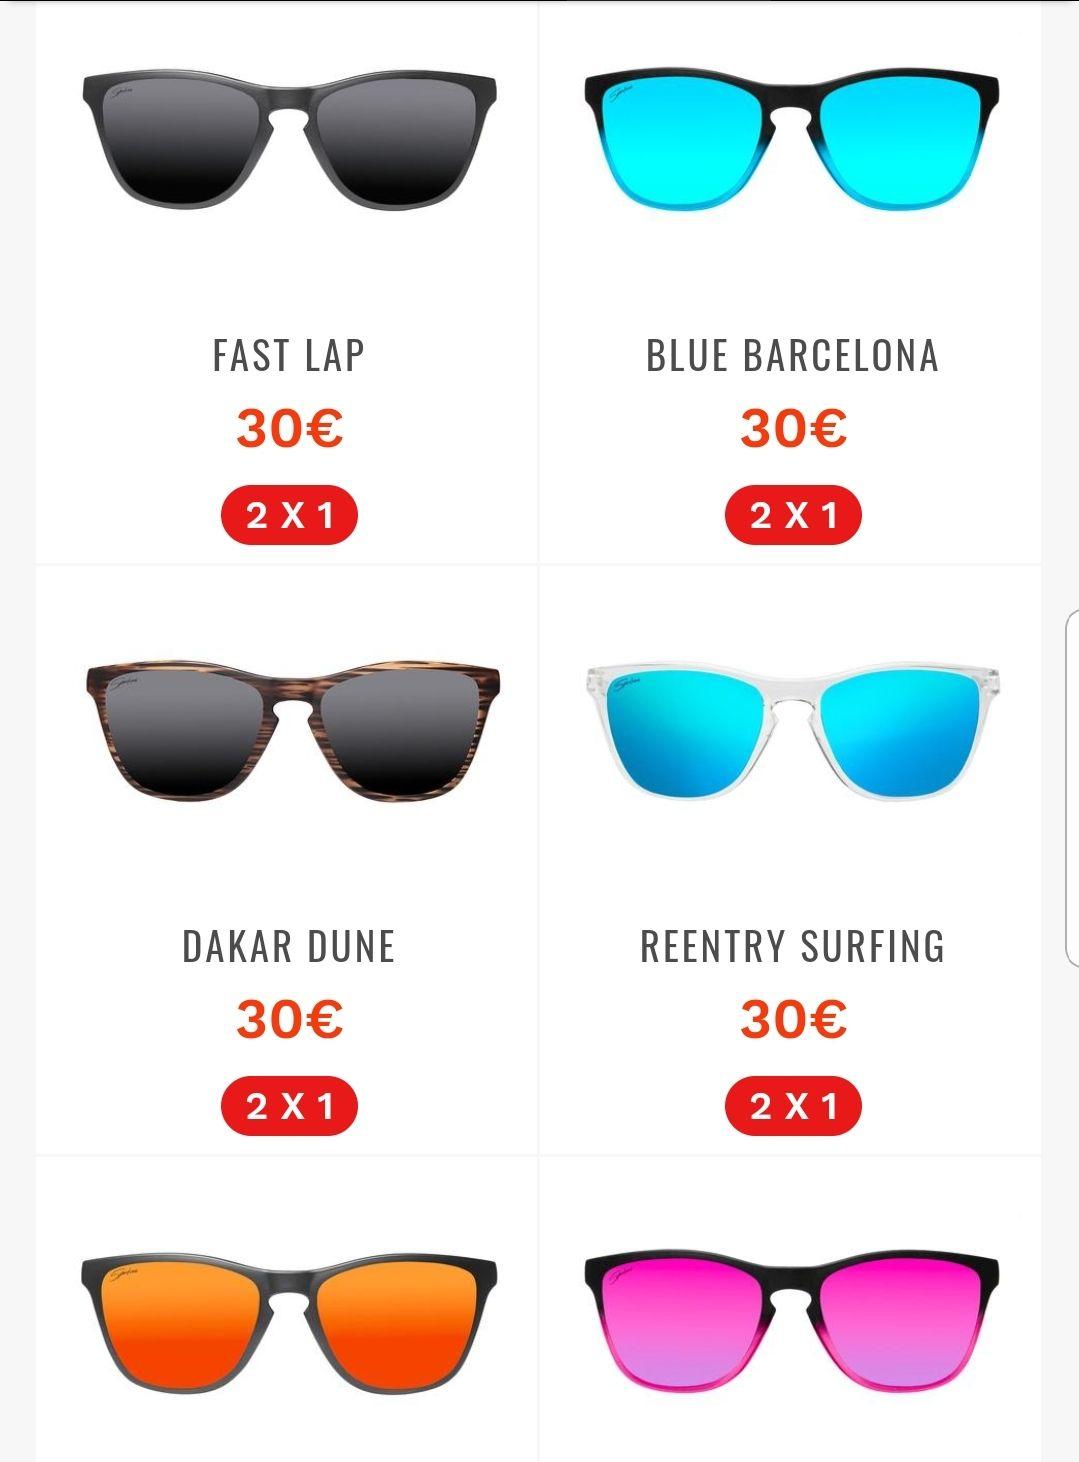 venta minorista a1e71 68231 Gafas de sol. 2x1 - chollometro.com